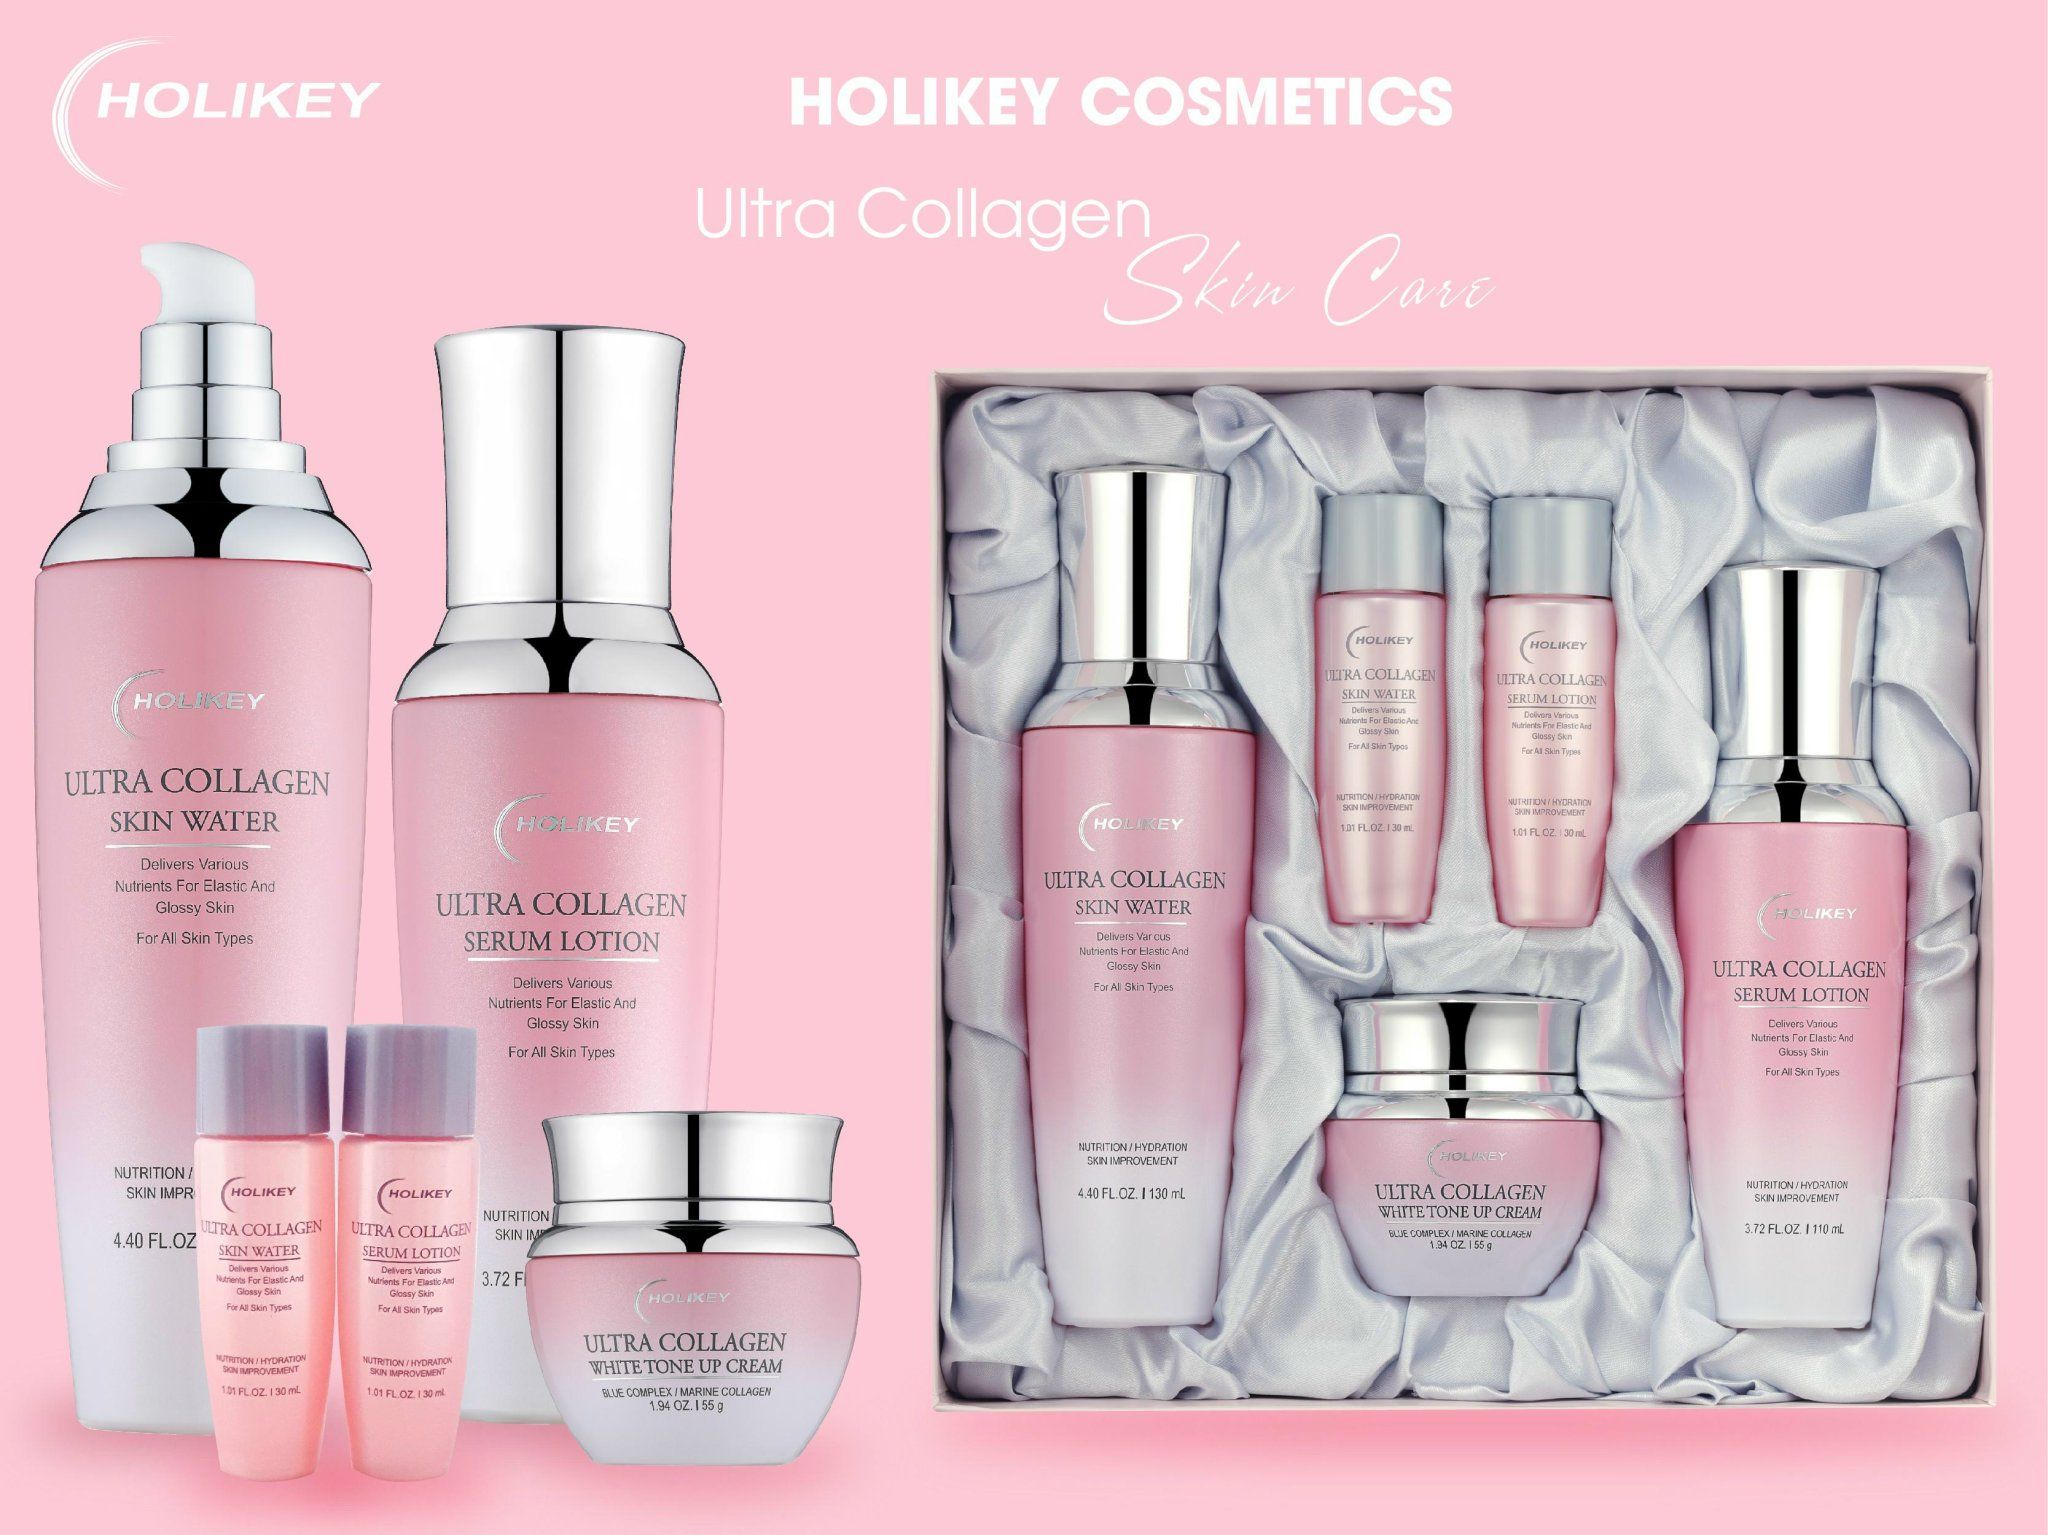 Trọn bộ siêu phẩm Holikey Cosmetic cho làn da trắng hồng rạng rỡ